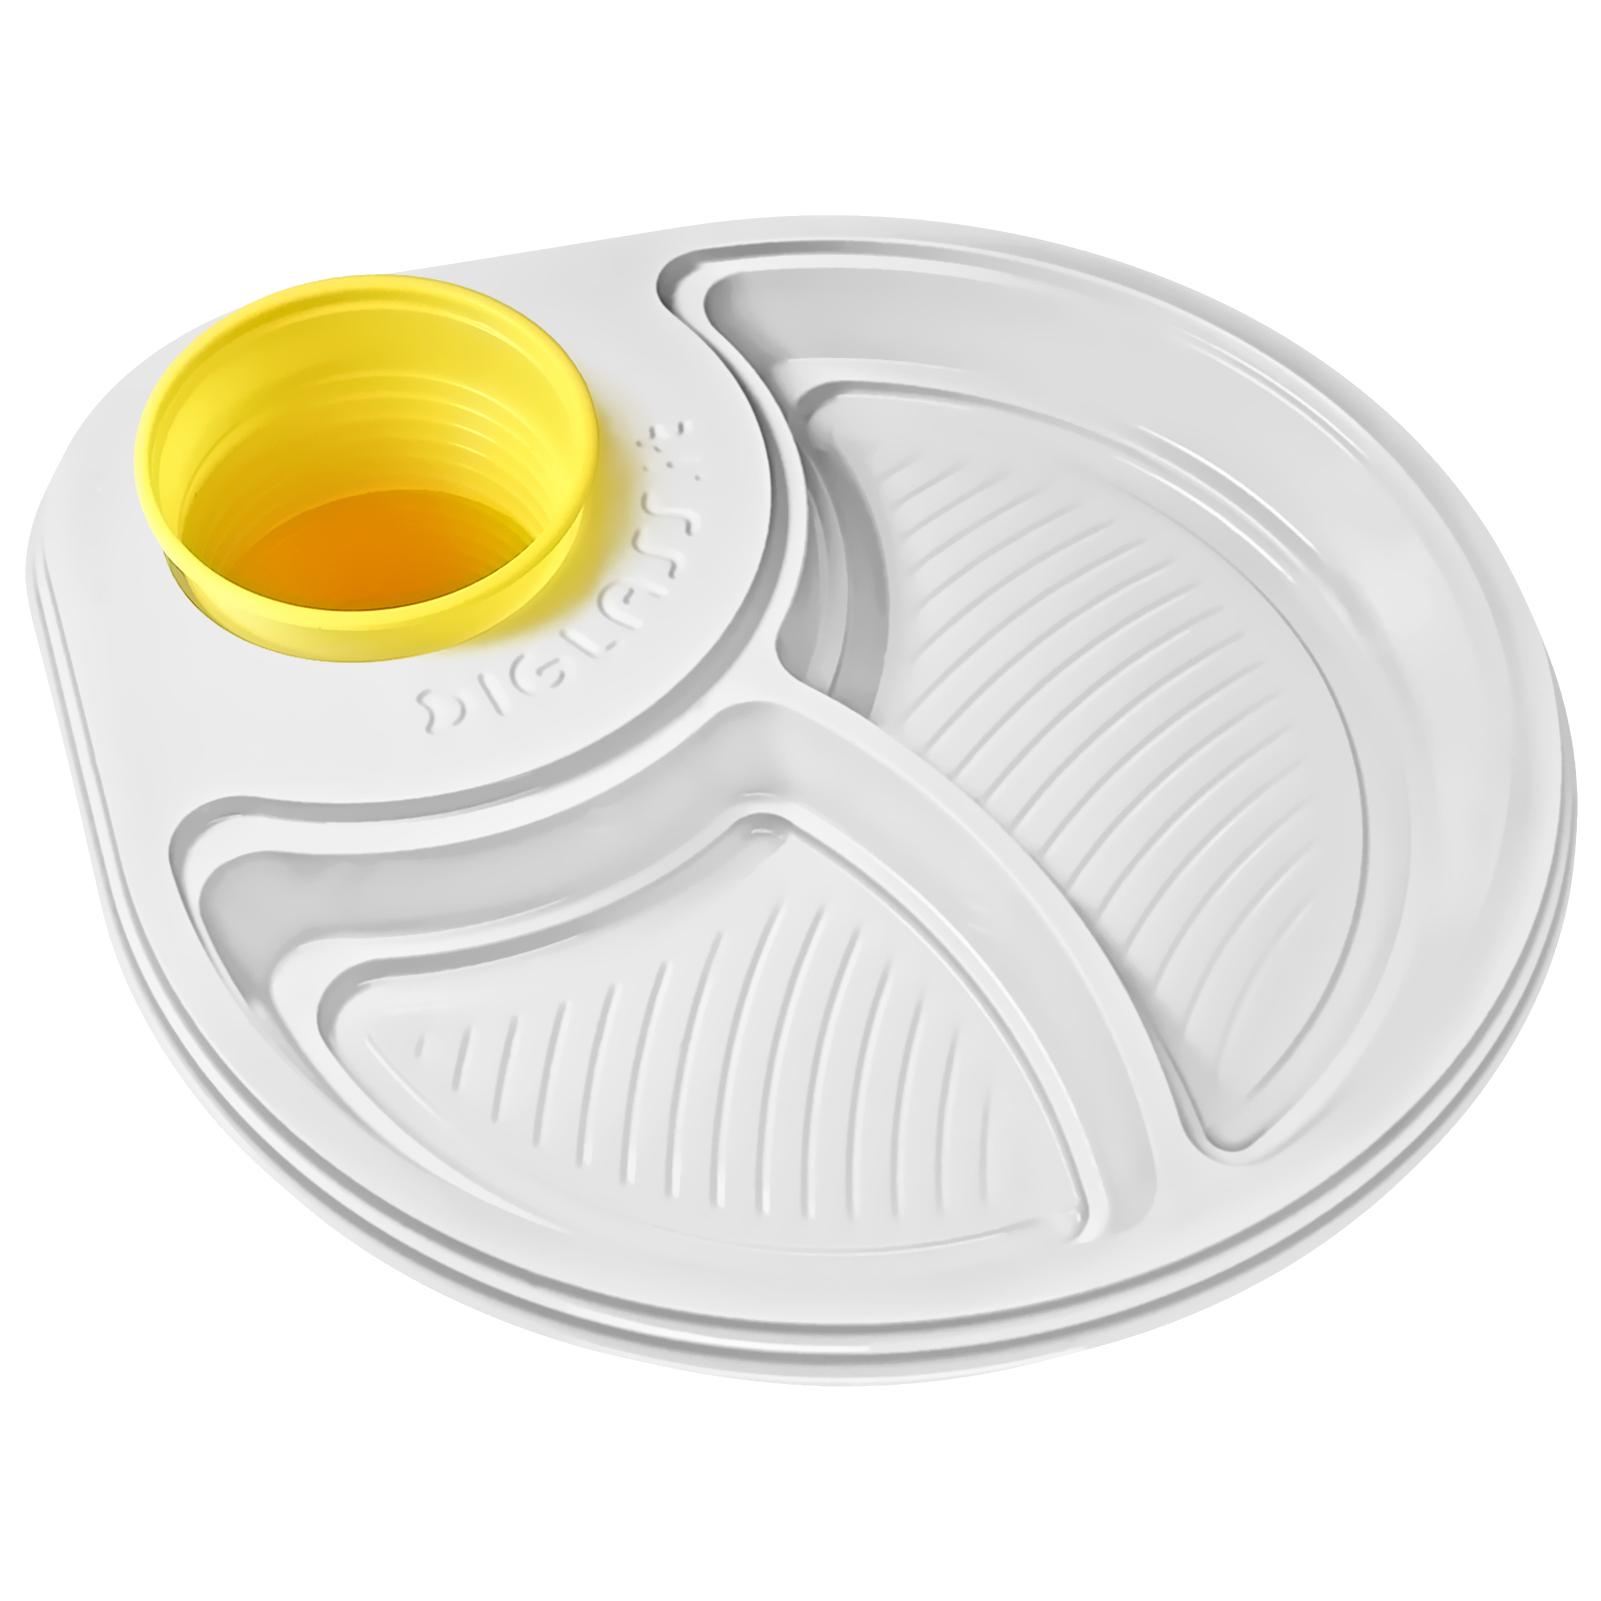 30 piatti party biscomparto bianchi diglass il piatto di - Piatti plastica ikea ...